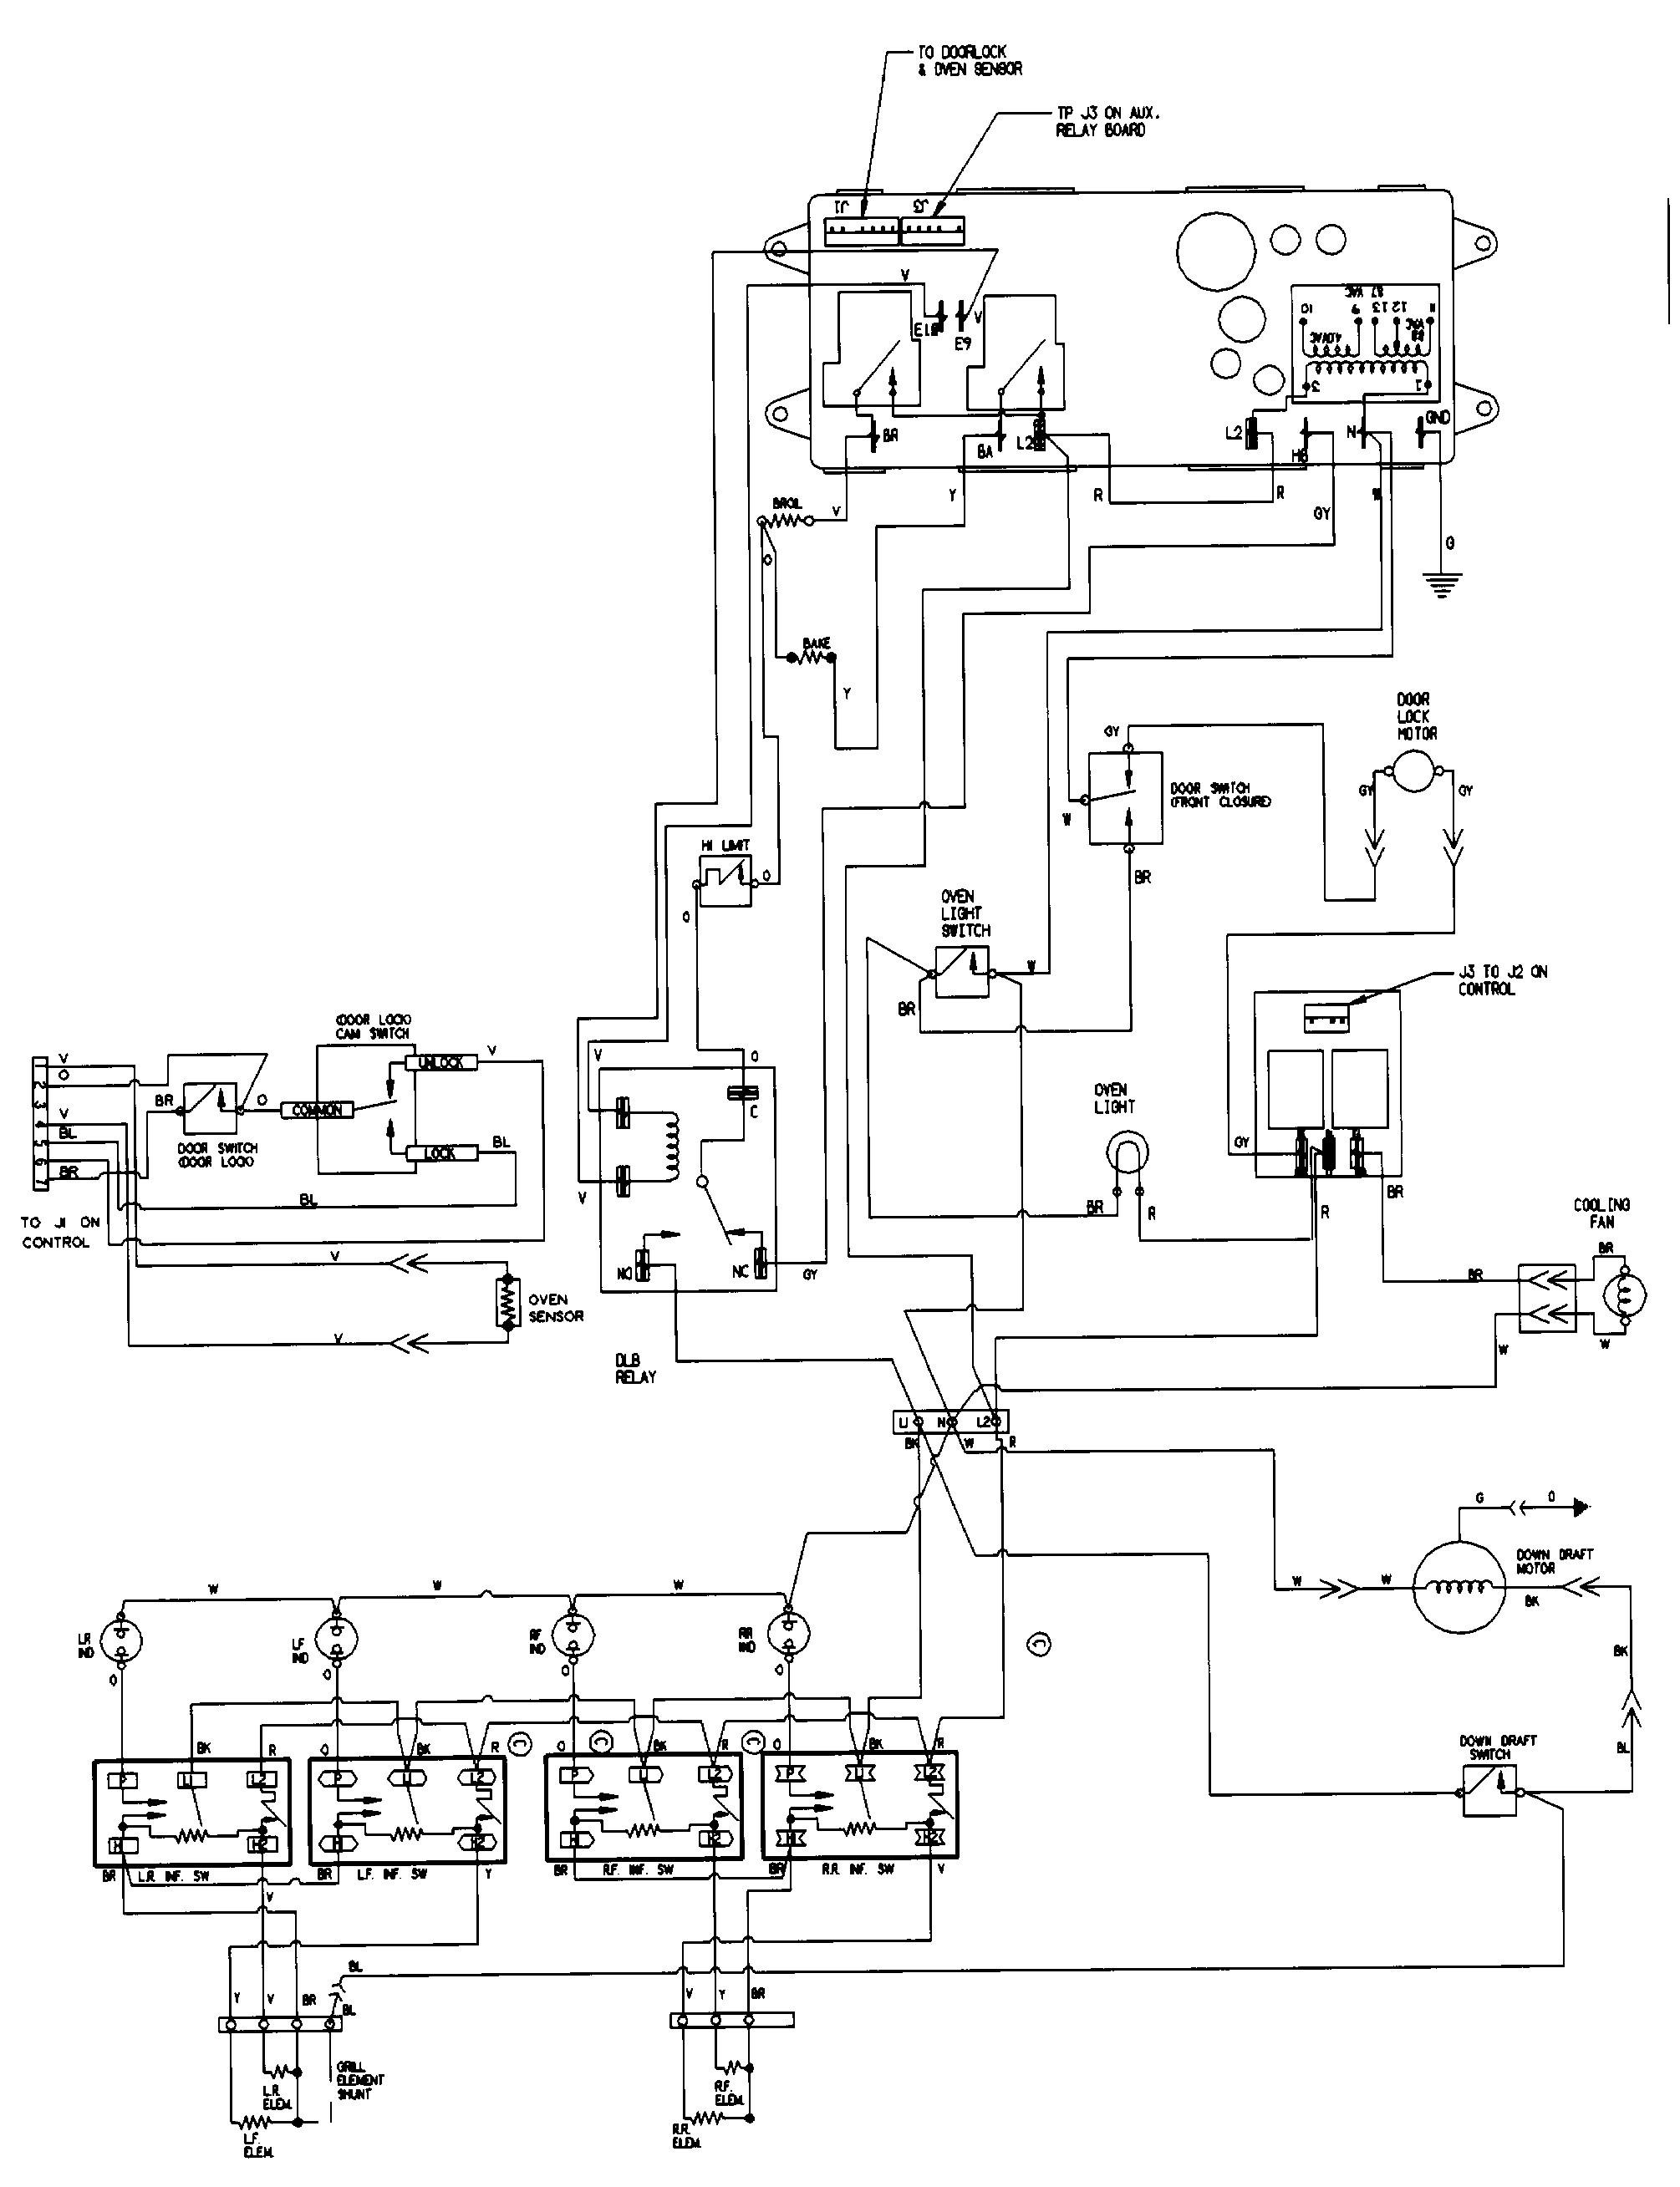 Honda Engine Wiring Diagram from detoxicrecenze.com